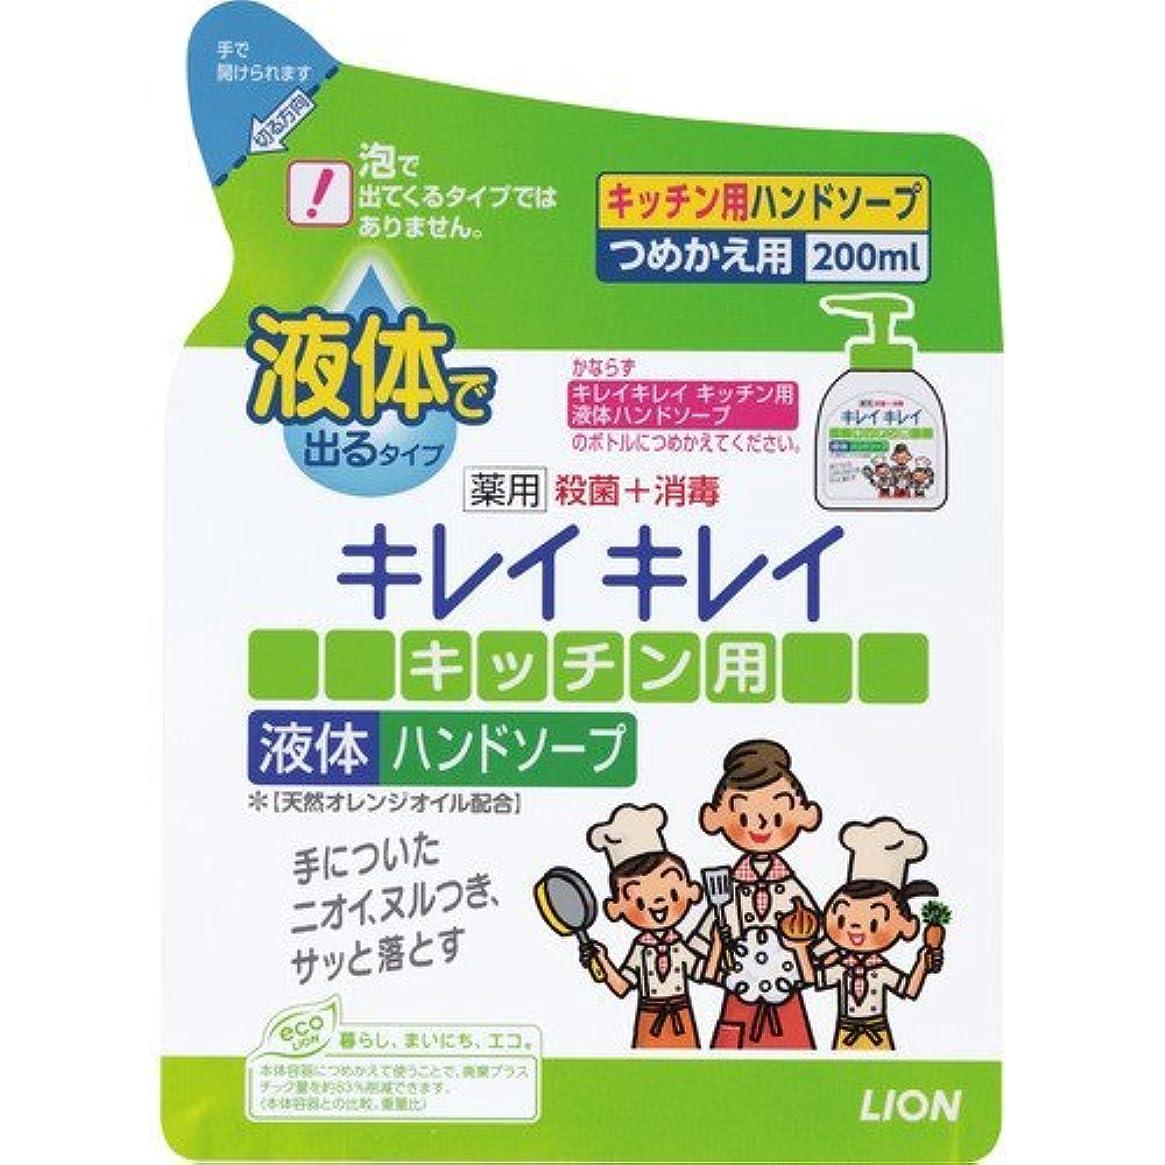 トランク納税者甘美なキレイキレイ 薬用 キッチンハンドソープ 詰め替え 200ml(医薬部外品)